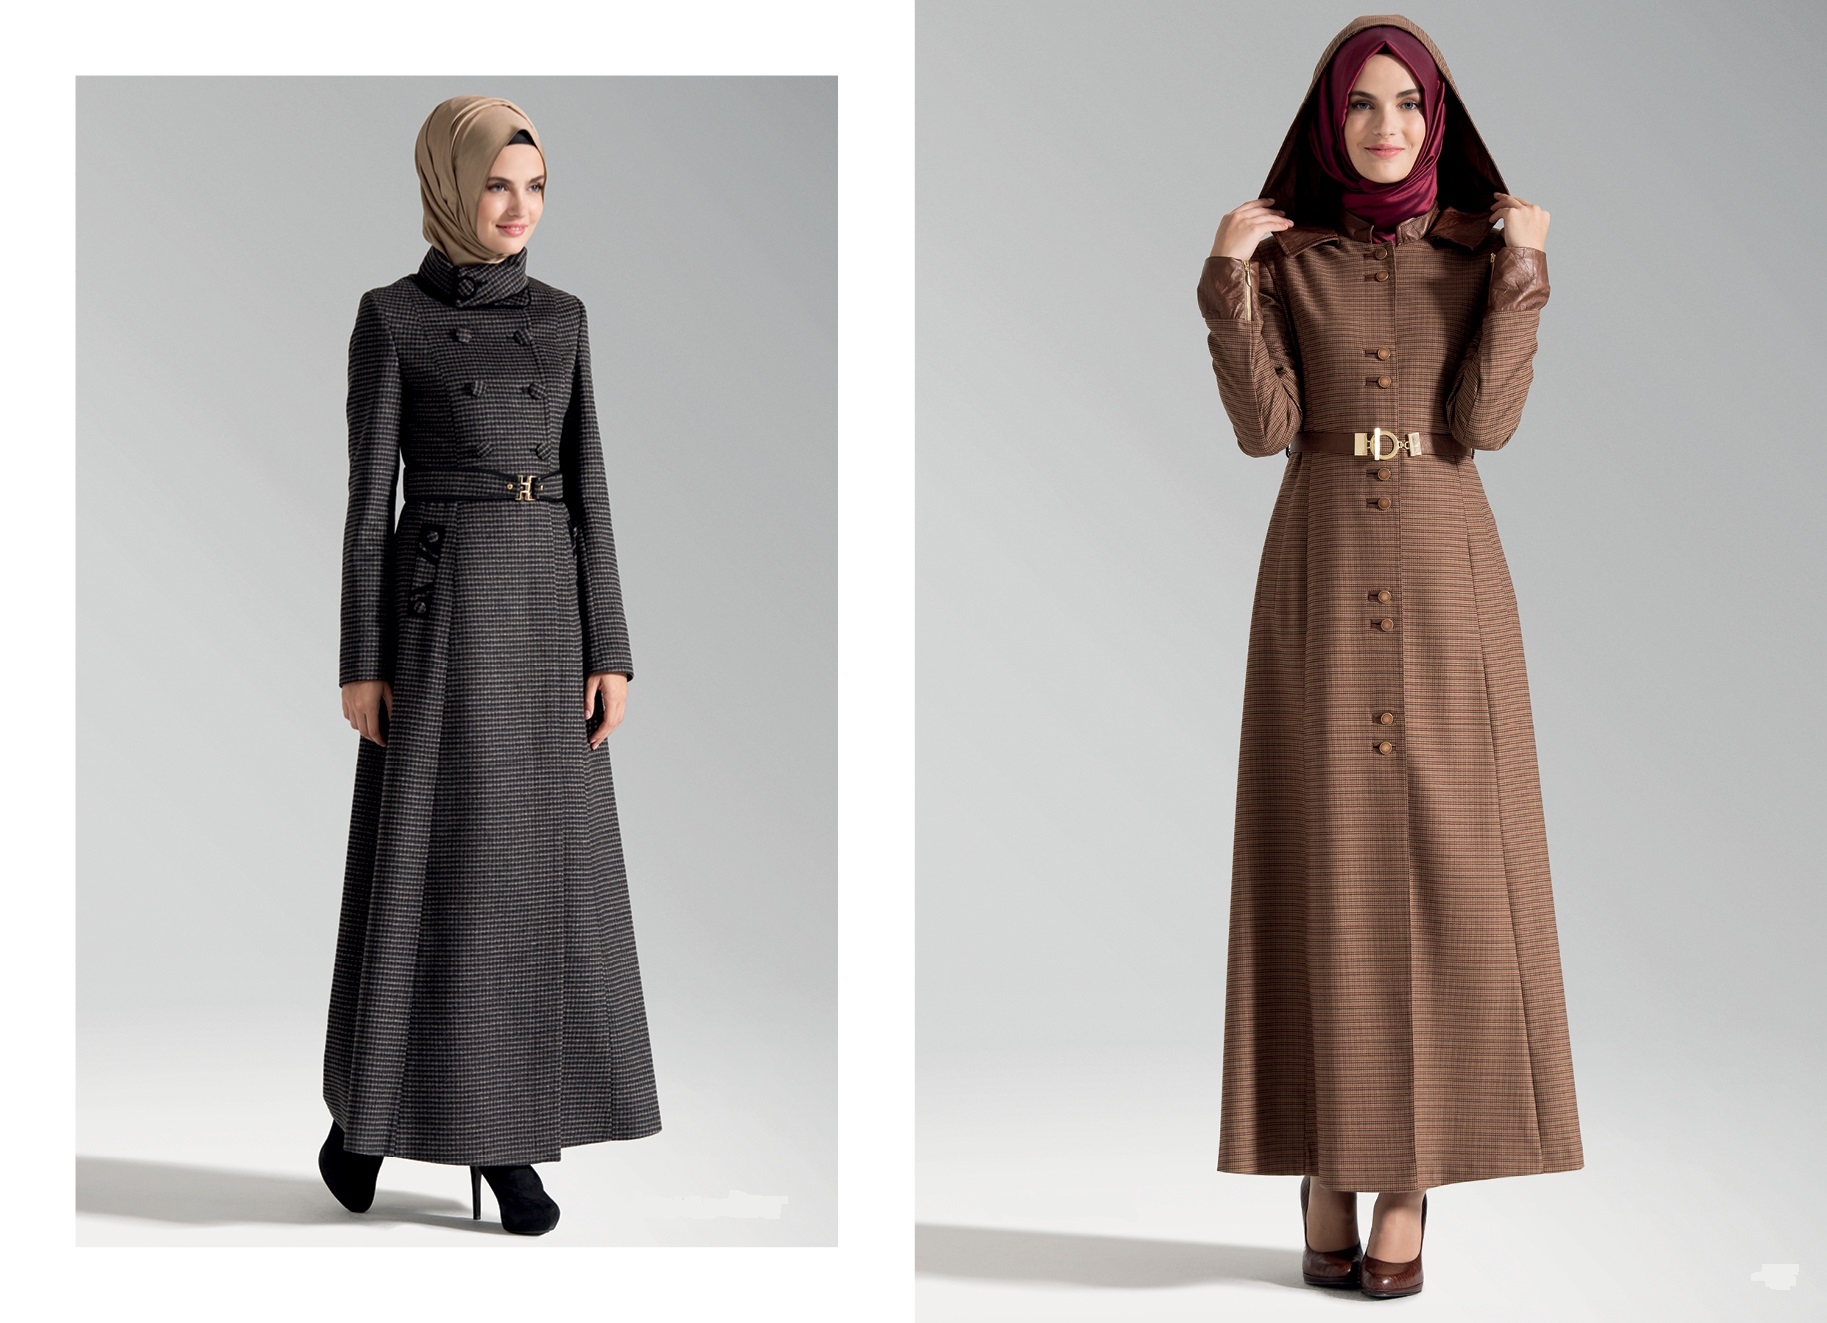 بالصور اشيك لبس بنات , اجمل و اشيك لباس البنات 3924 9